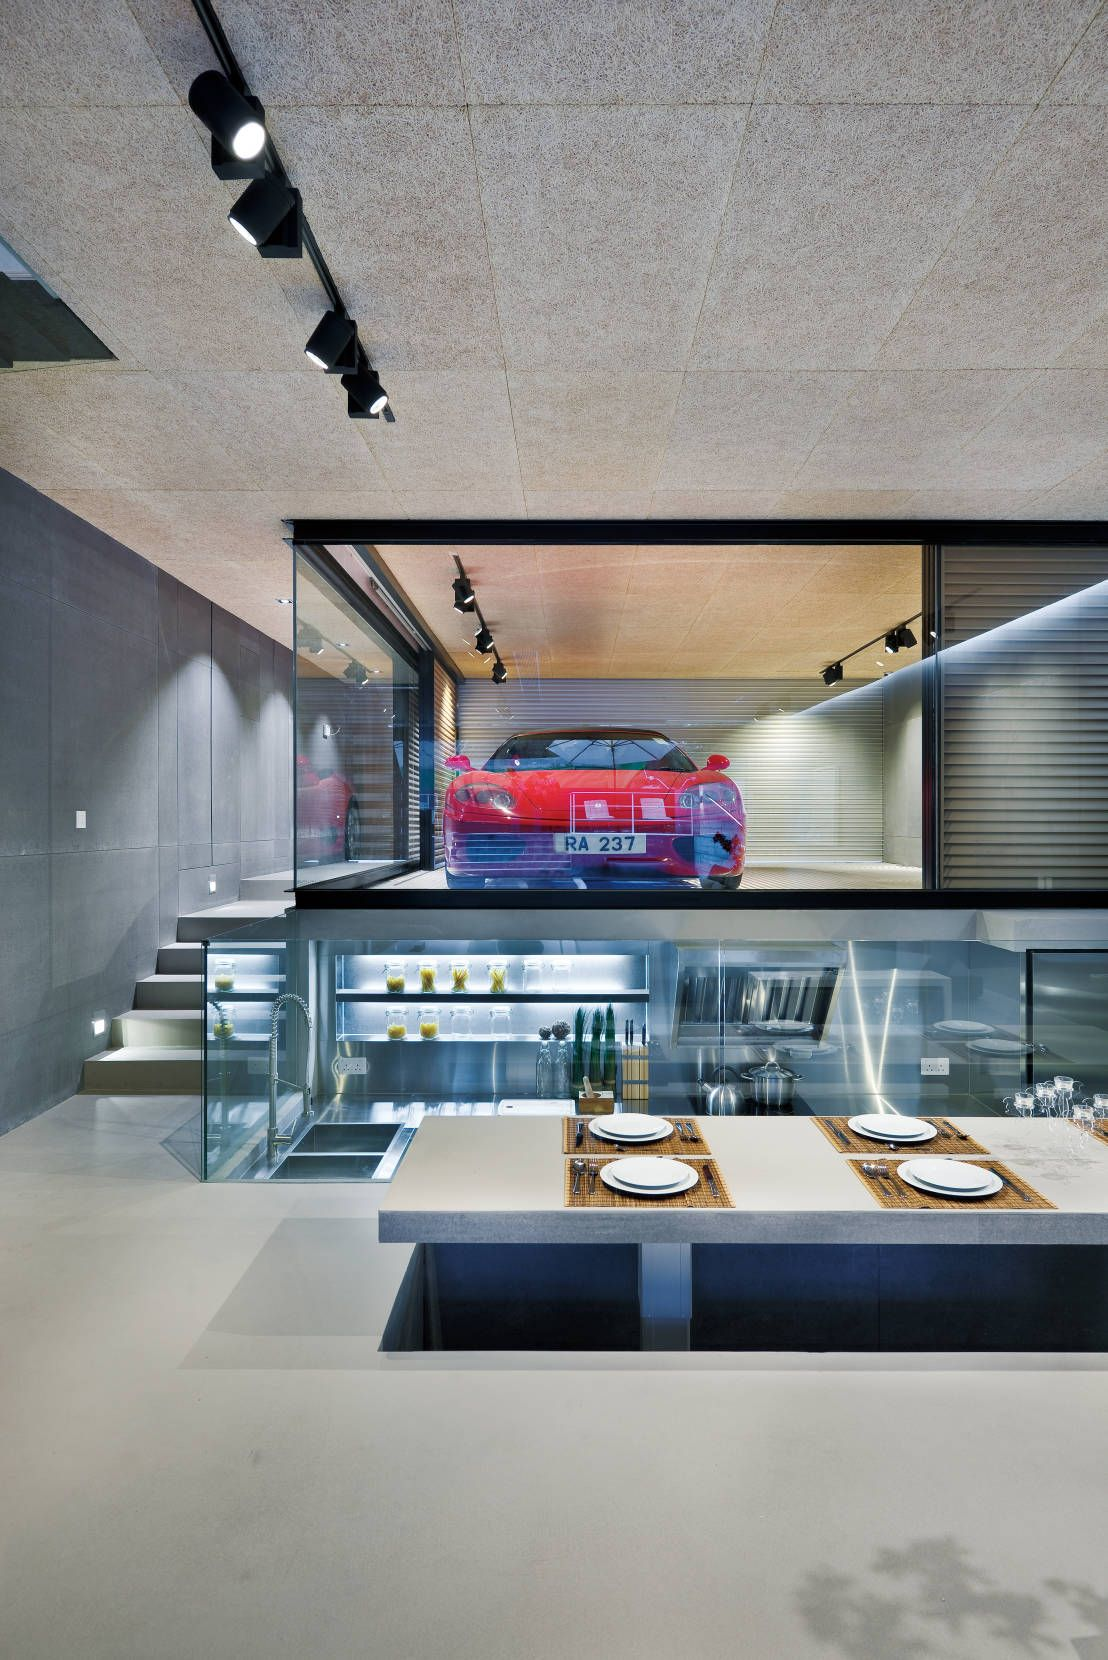 Garage gestalten  7 Möglichkeiten, eine schöne Garage zu gestalten | Purer Luxus ...